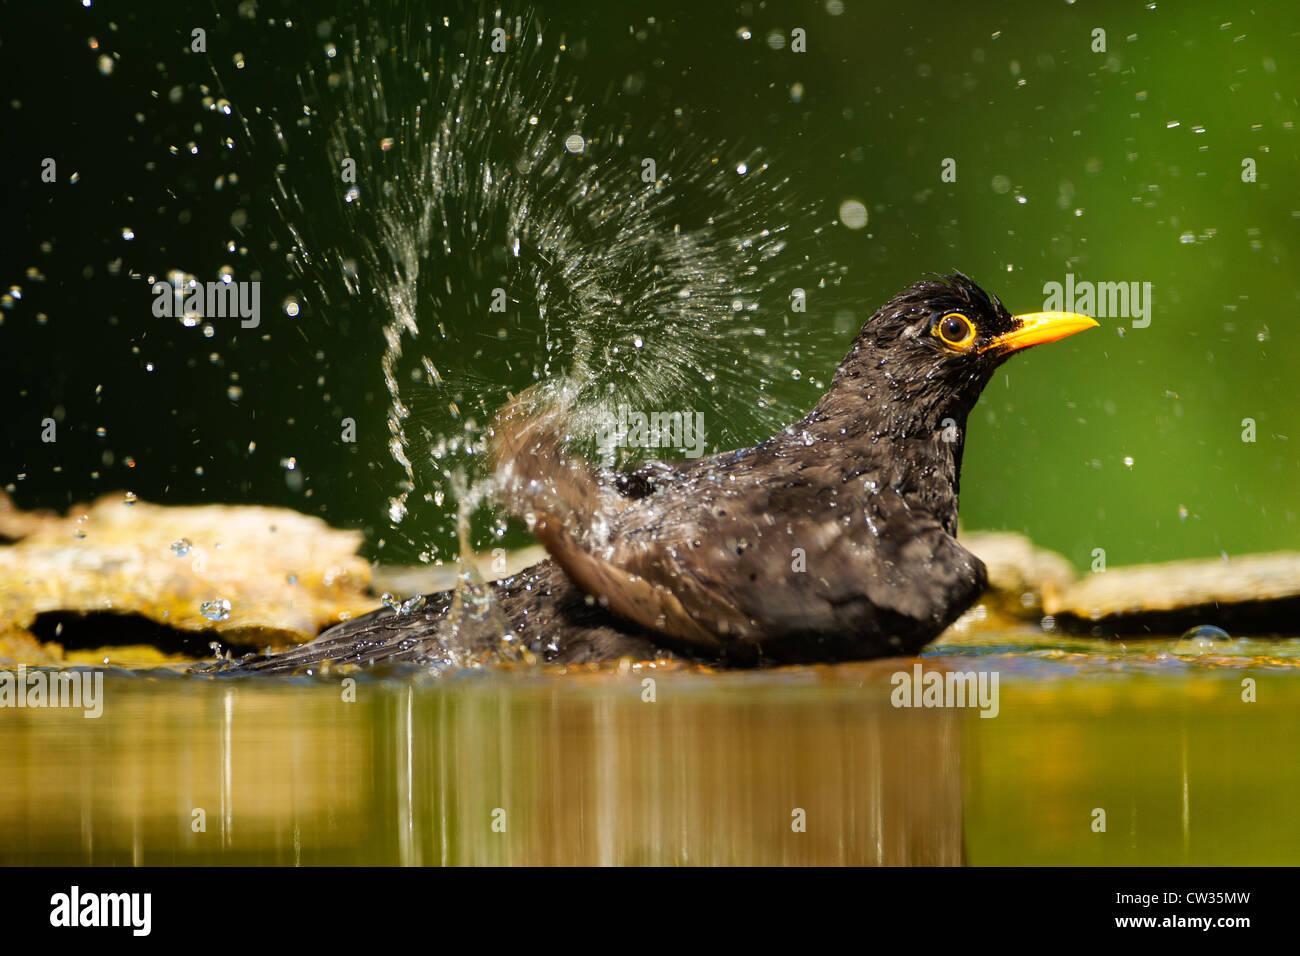 Merlo comune(Turdus merula) la balneazione.fame Immagini Stock